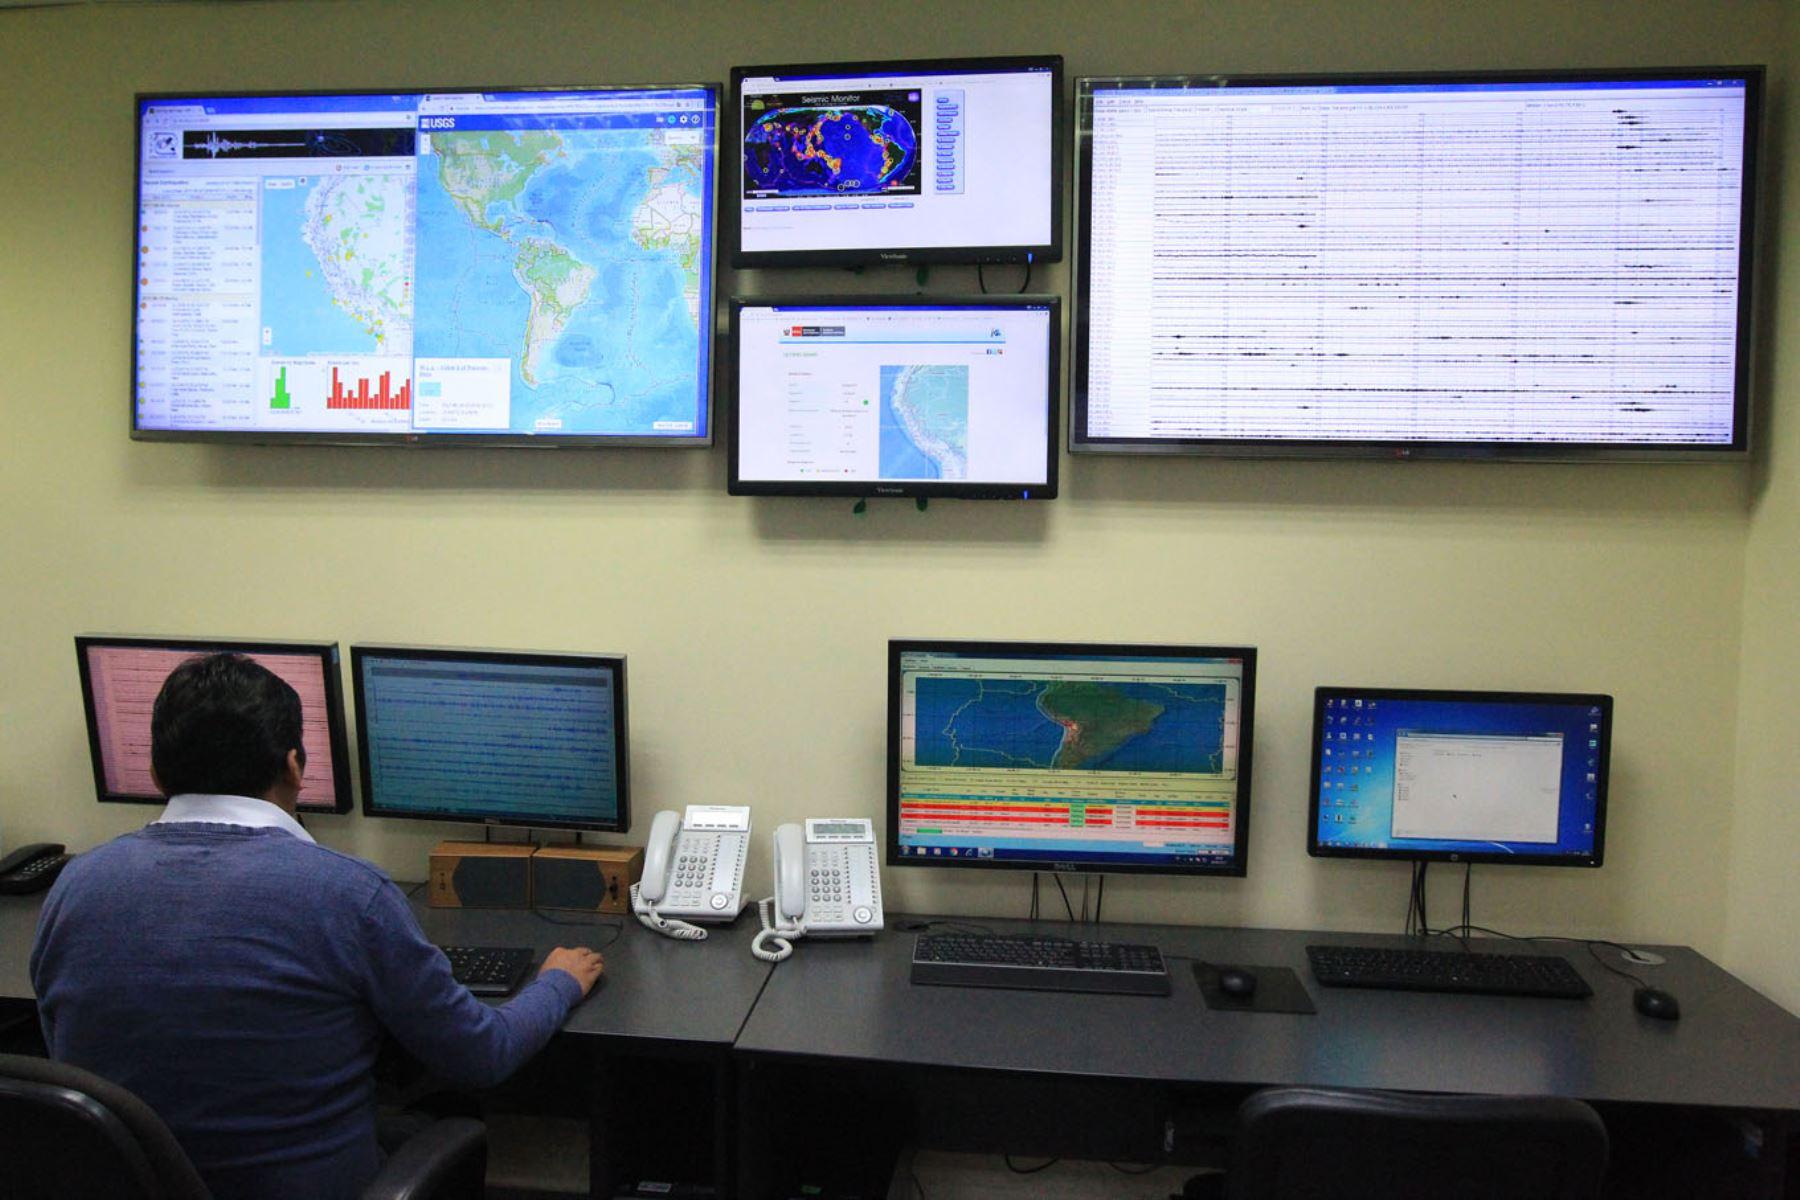 IGP reporta temblor de 4.1 en Moquegua y Arequipa — Sismos en Perú